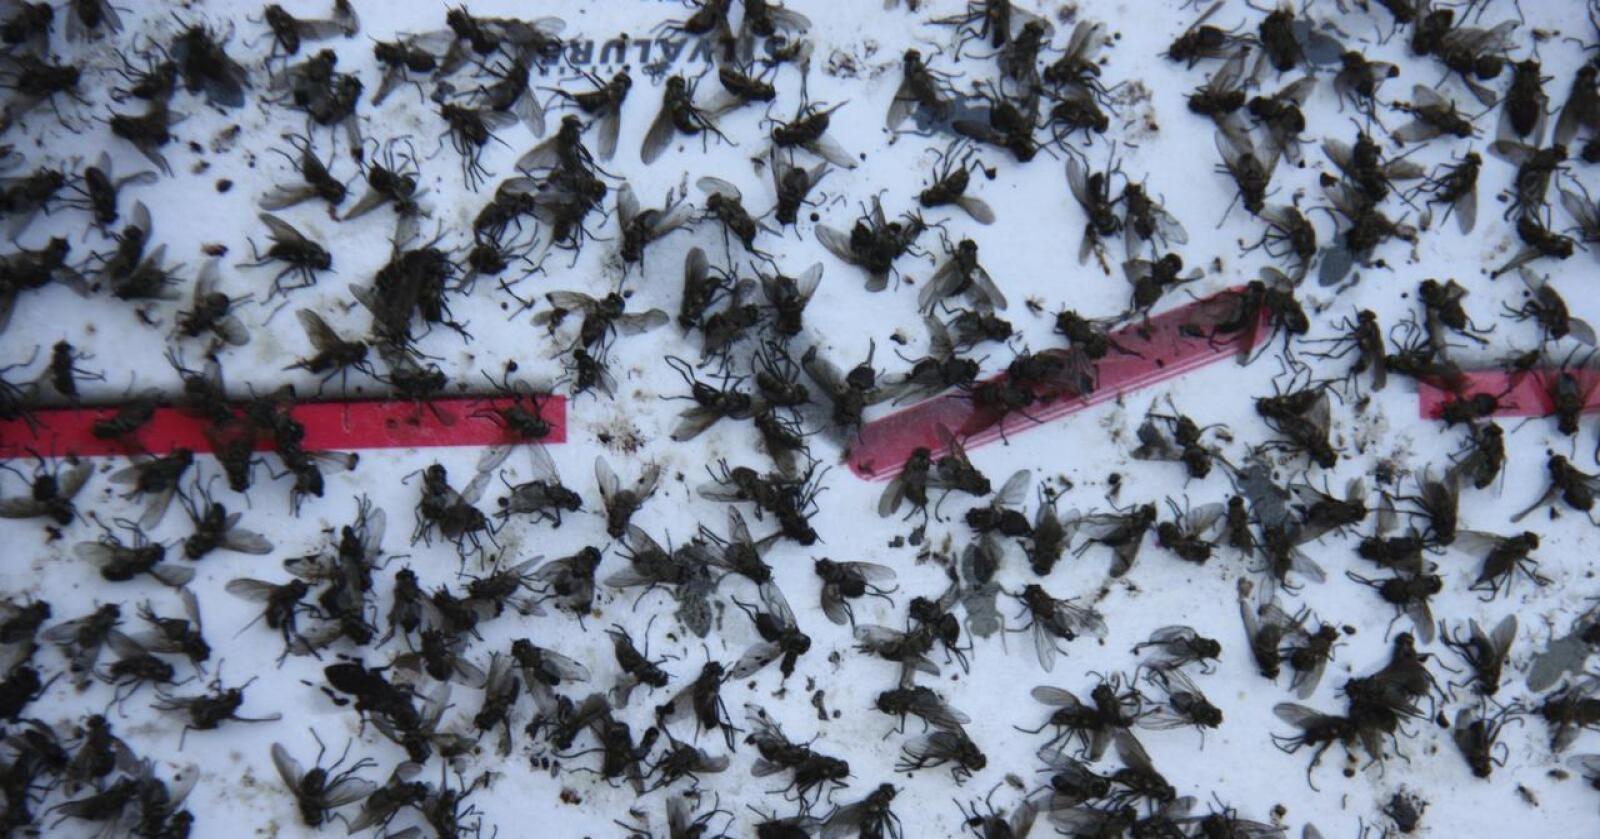 EKSPLOSJON: 60 fluer i fjøset i mai kan bli mange, mange milliarder i løpet av sommeren. Foto: Traktorbygda